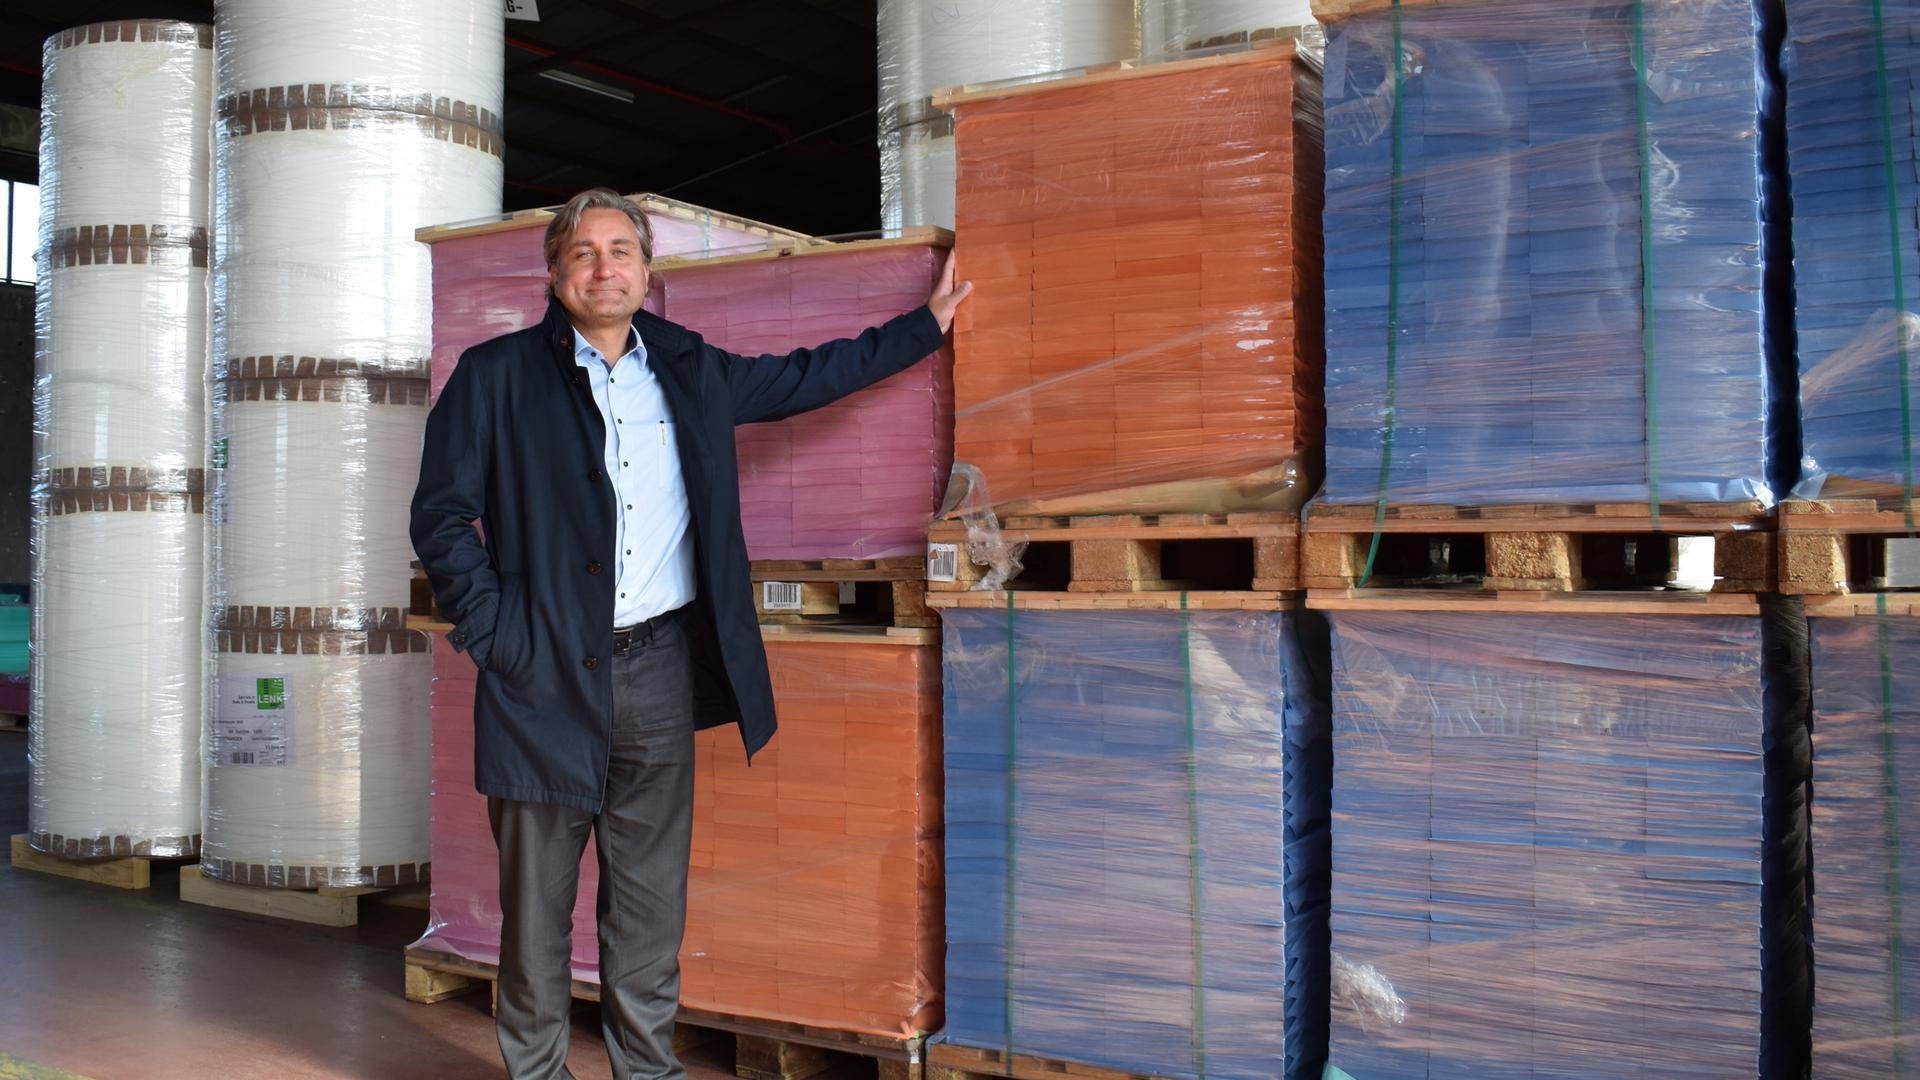 Ein Mann steht vor hohen Türmen aus Papierrollen und Paletten voller bunter Spezialpapiere.